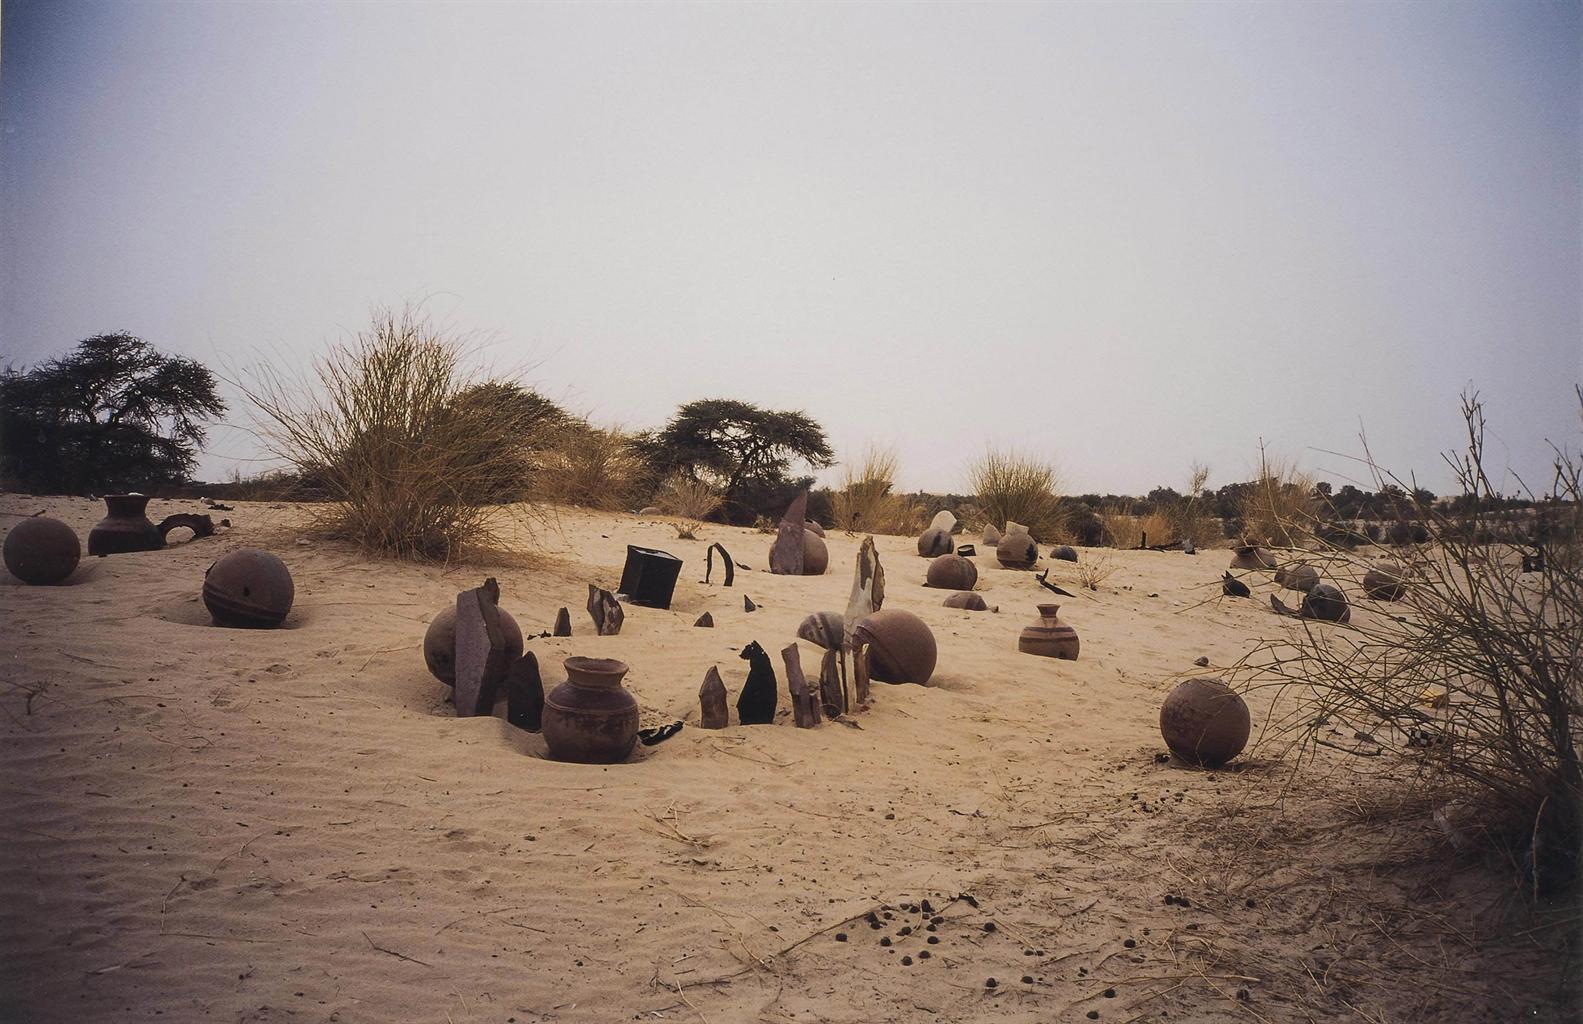 Gabriel Orozco-Cementerio #6 (Cemetery #6)-2002